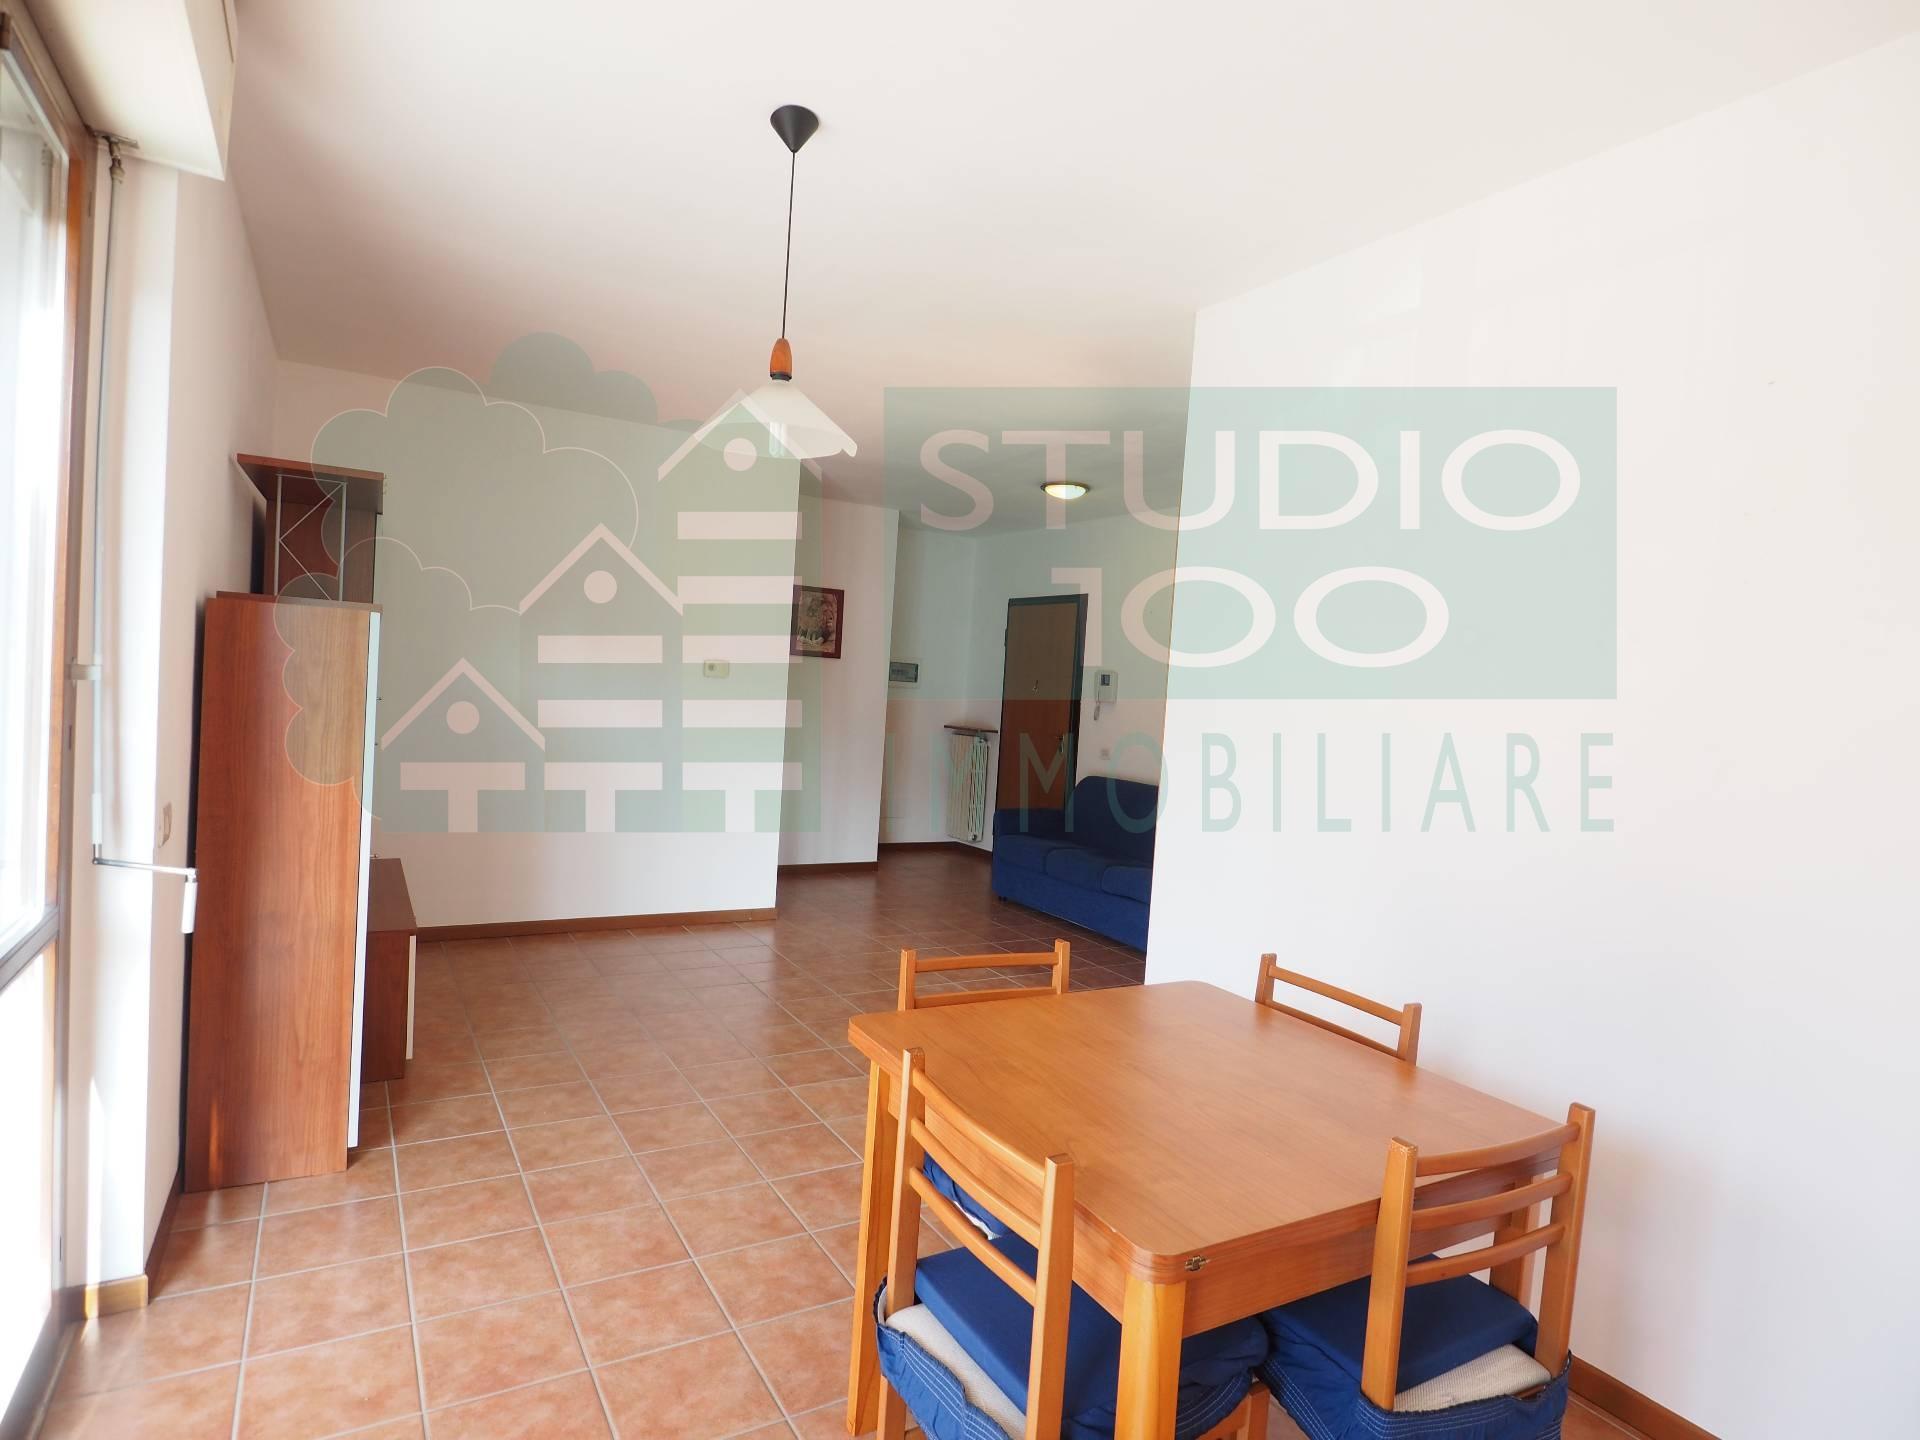 Appartamento in vendita a Oleggio, 2 locali, prezzo € 102.000 | CambioCasa.it